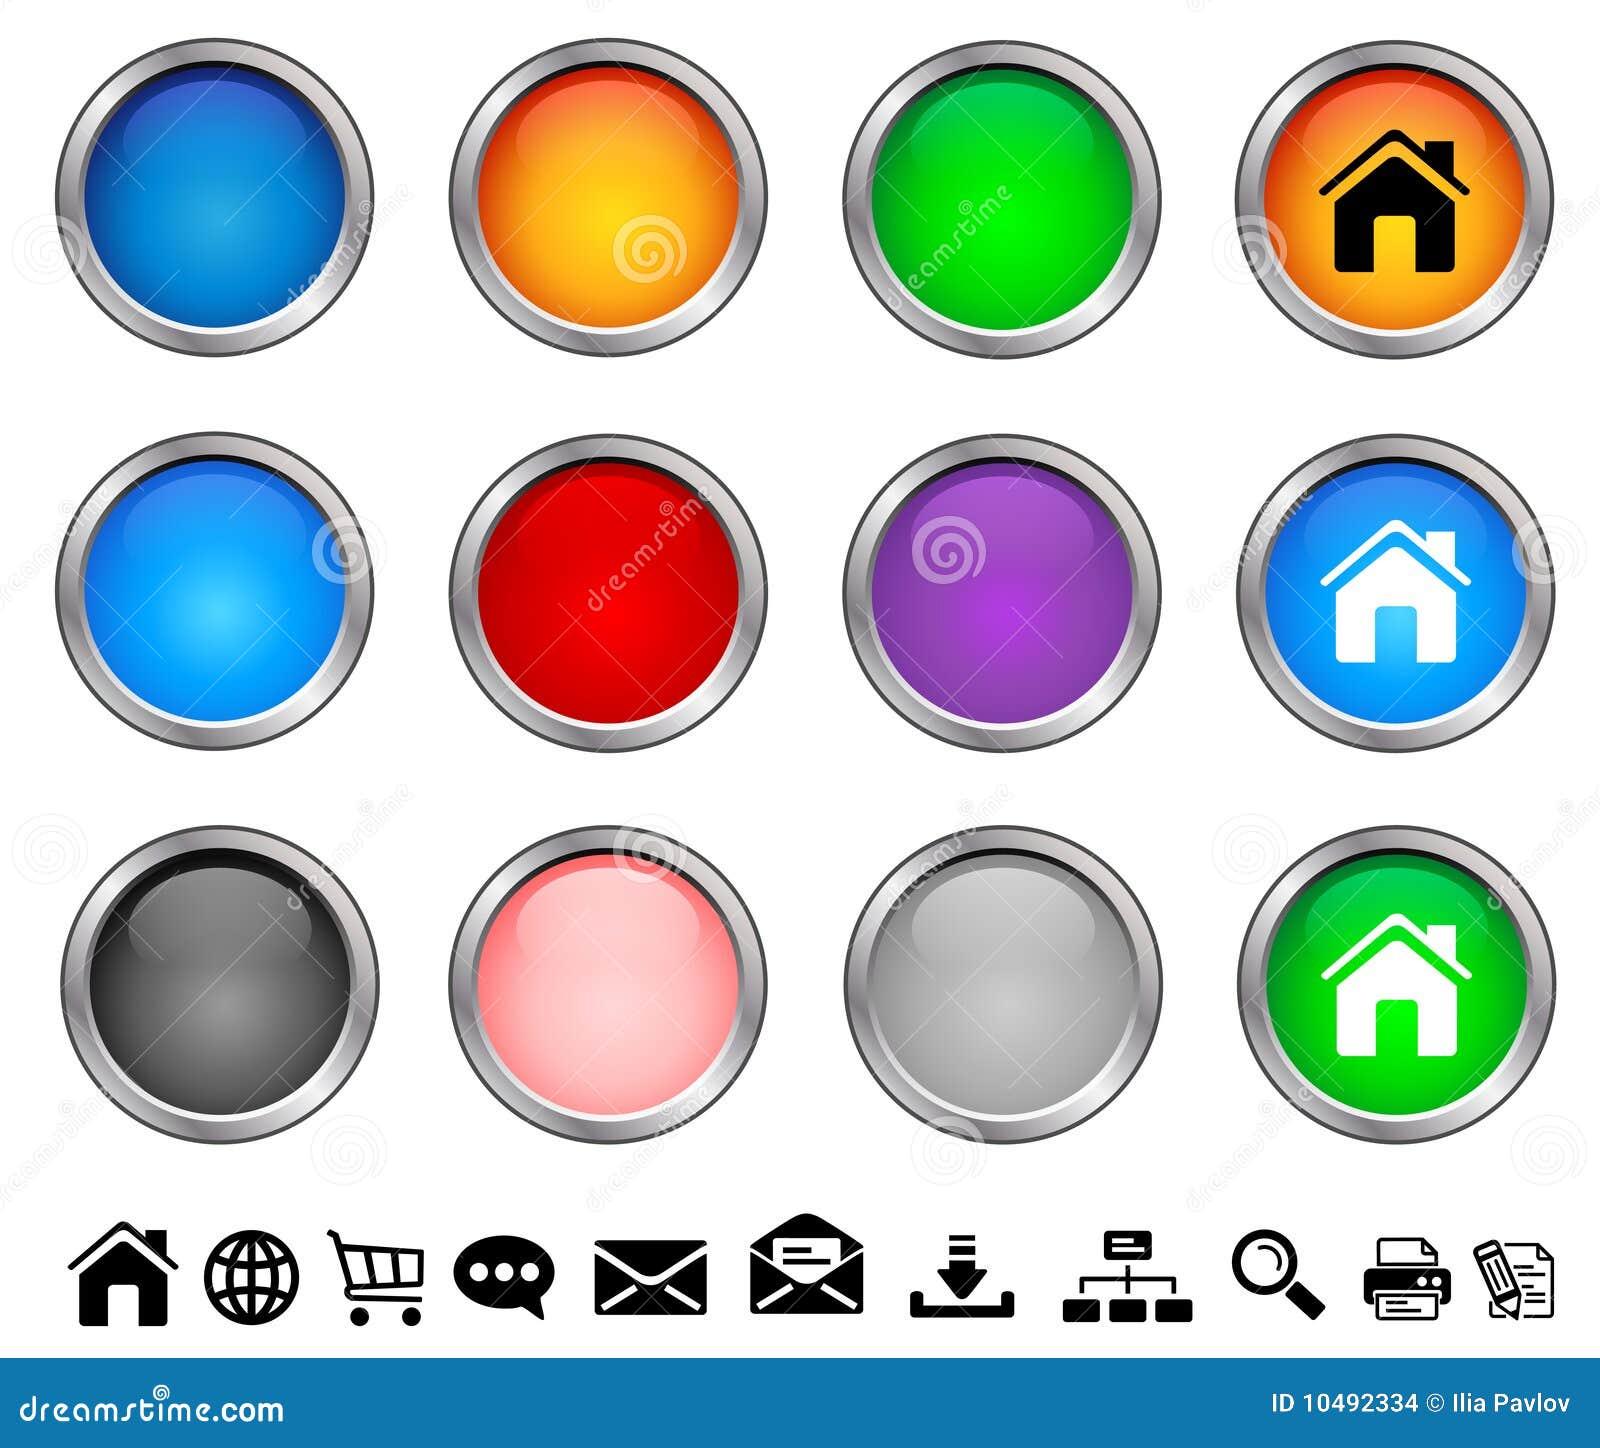 Buttons internet